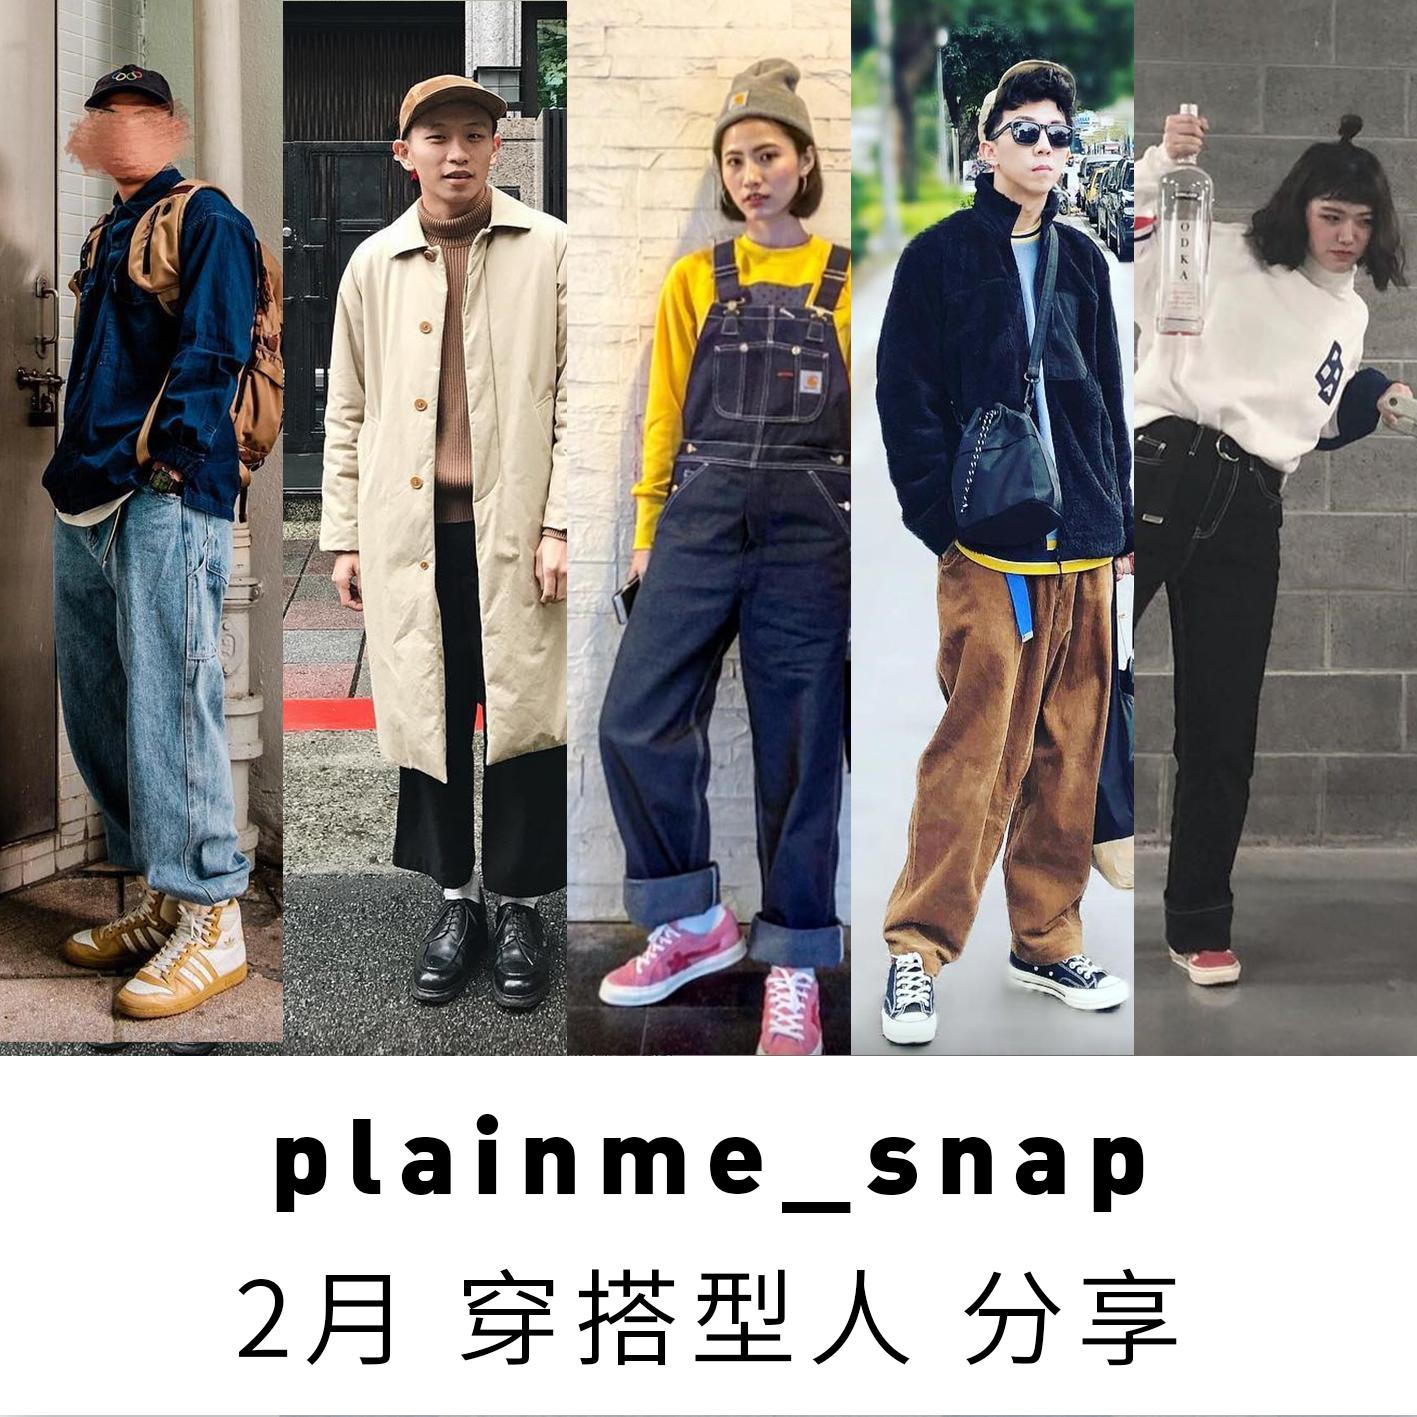 穿搭型人,IG,plainme_snap,instagram,搭配,穿搭,搭配,型人,穿搭